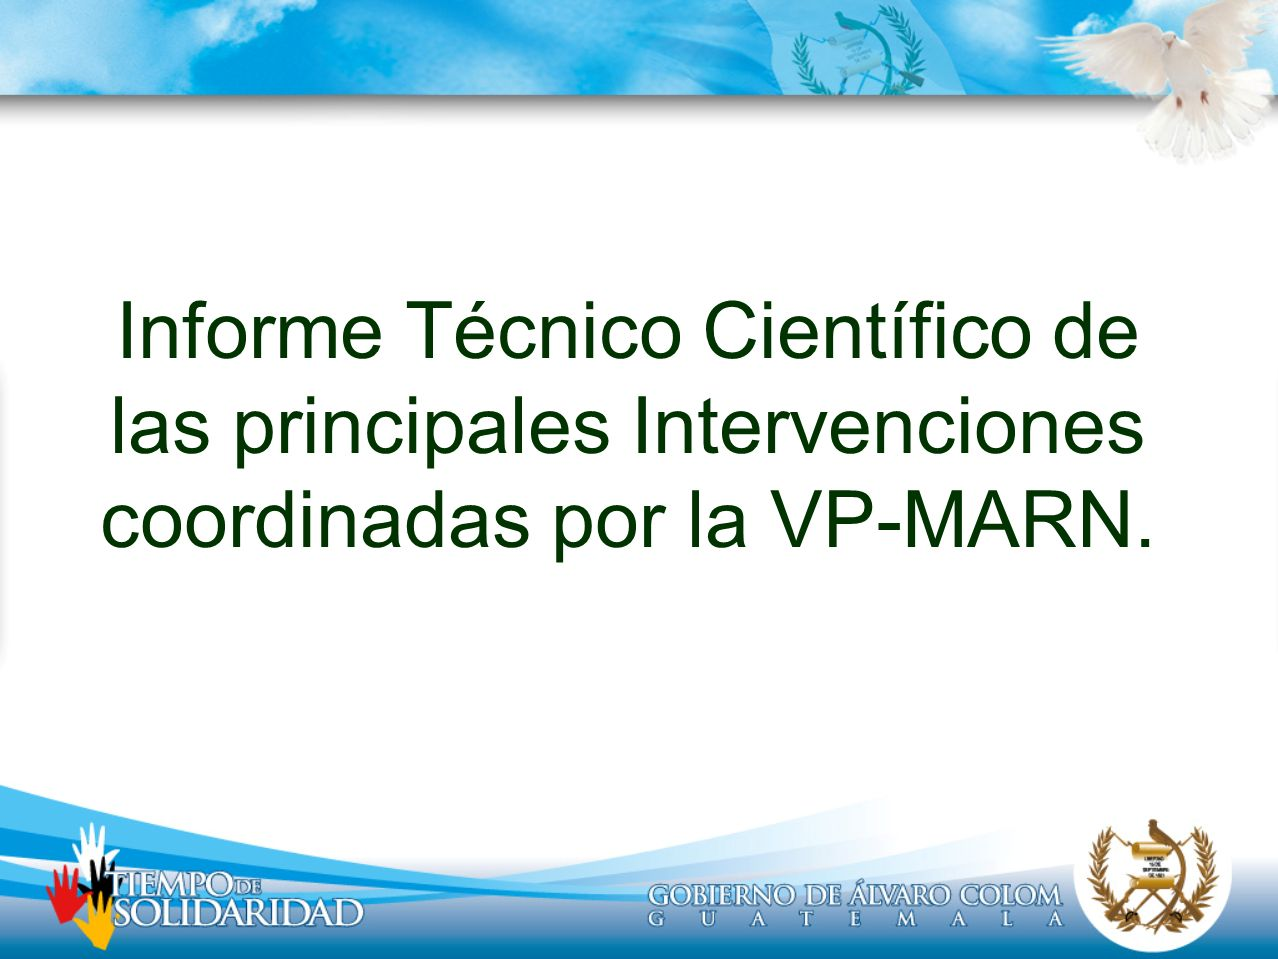 Informe Técnico Científico de las principales Intervenciones coordinadas por la VP-MARN.